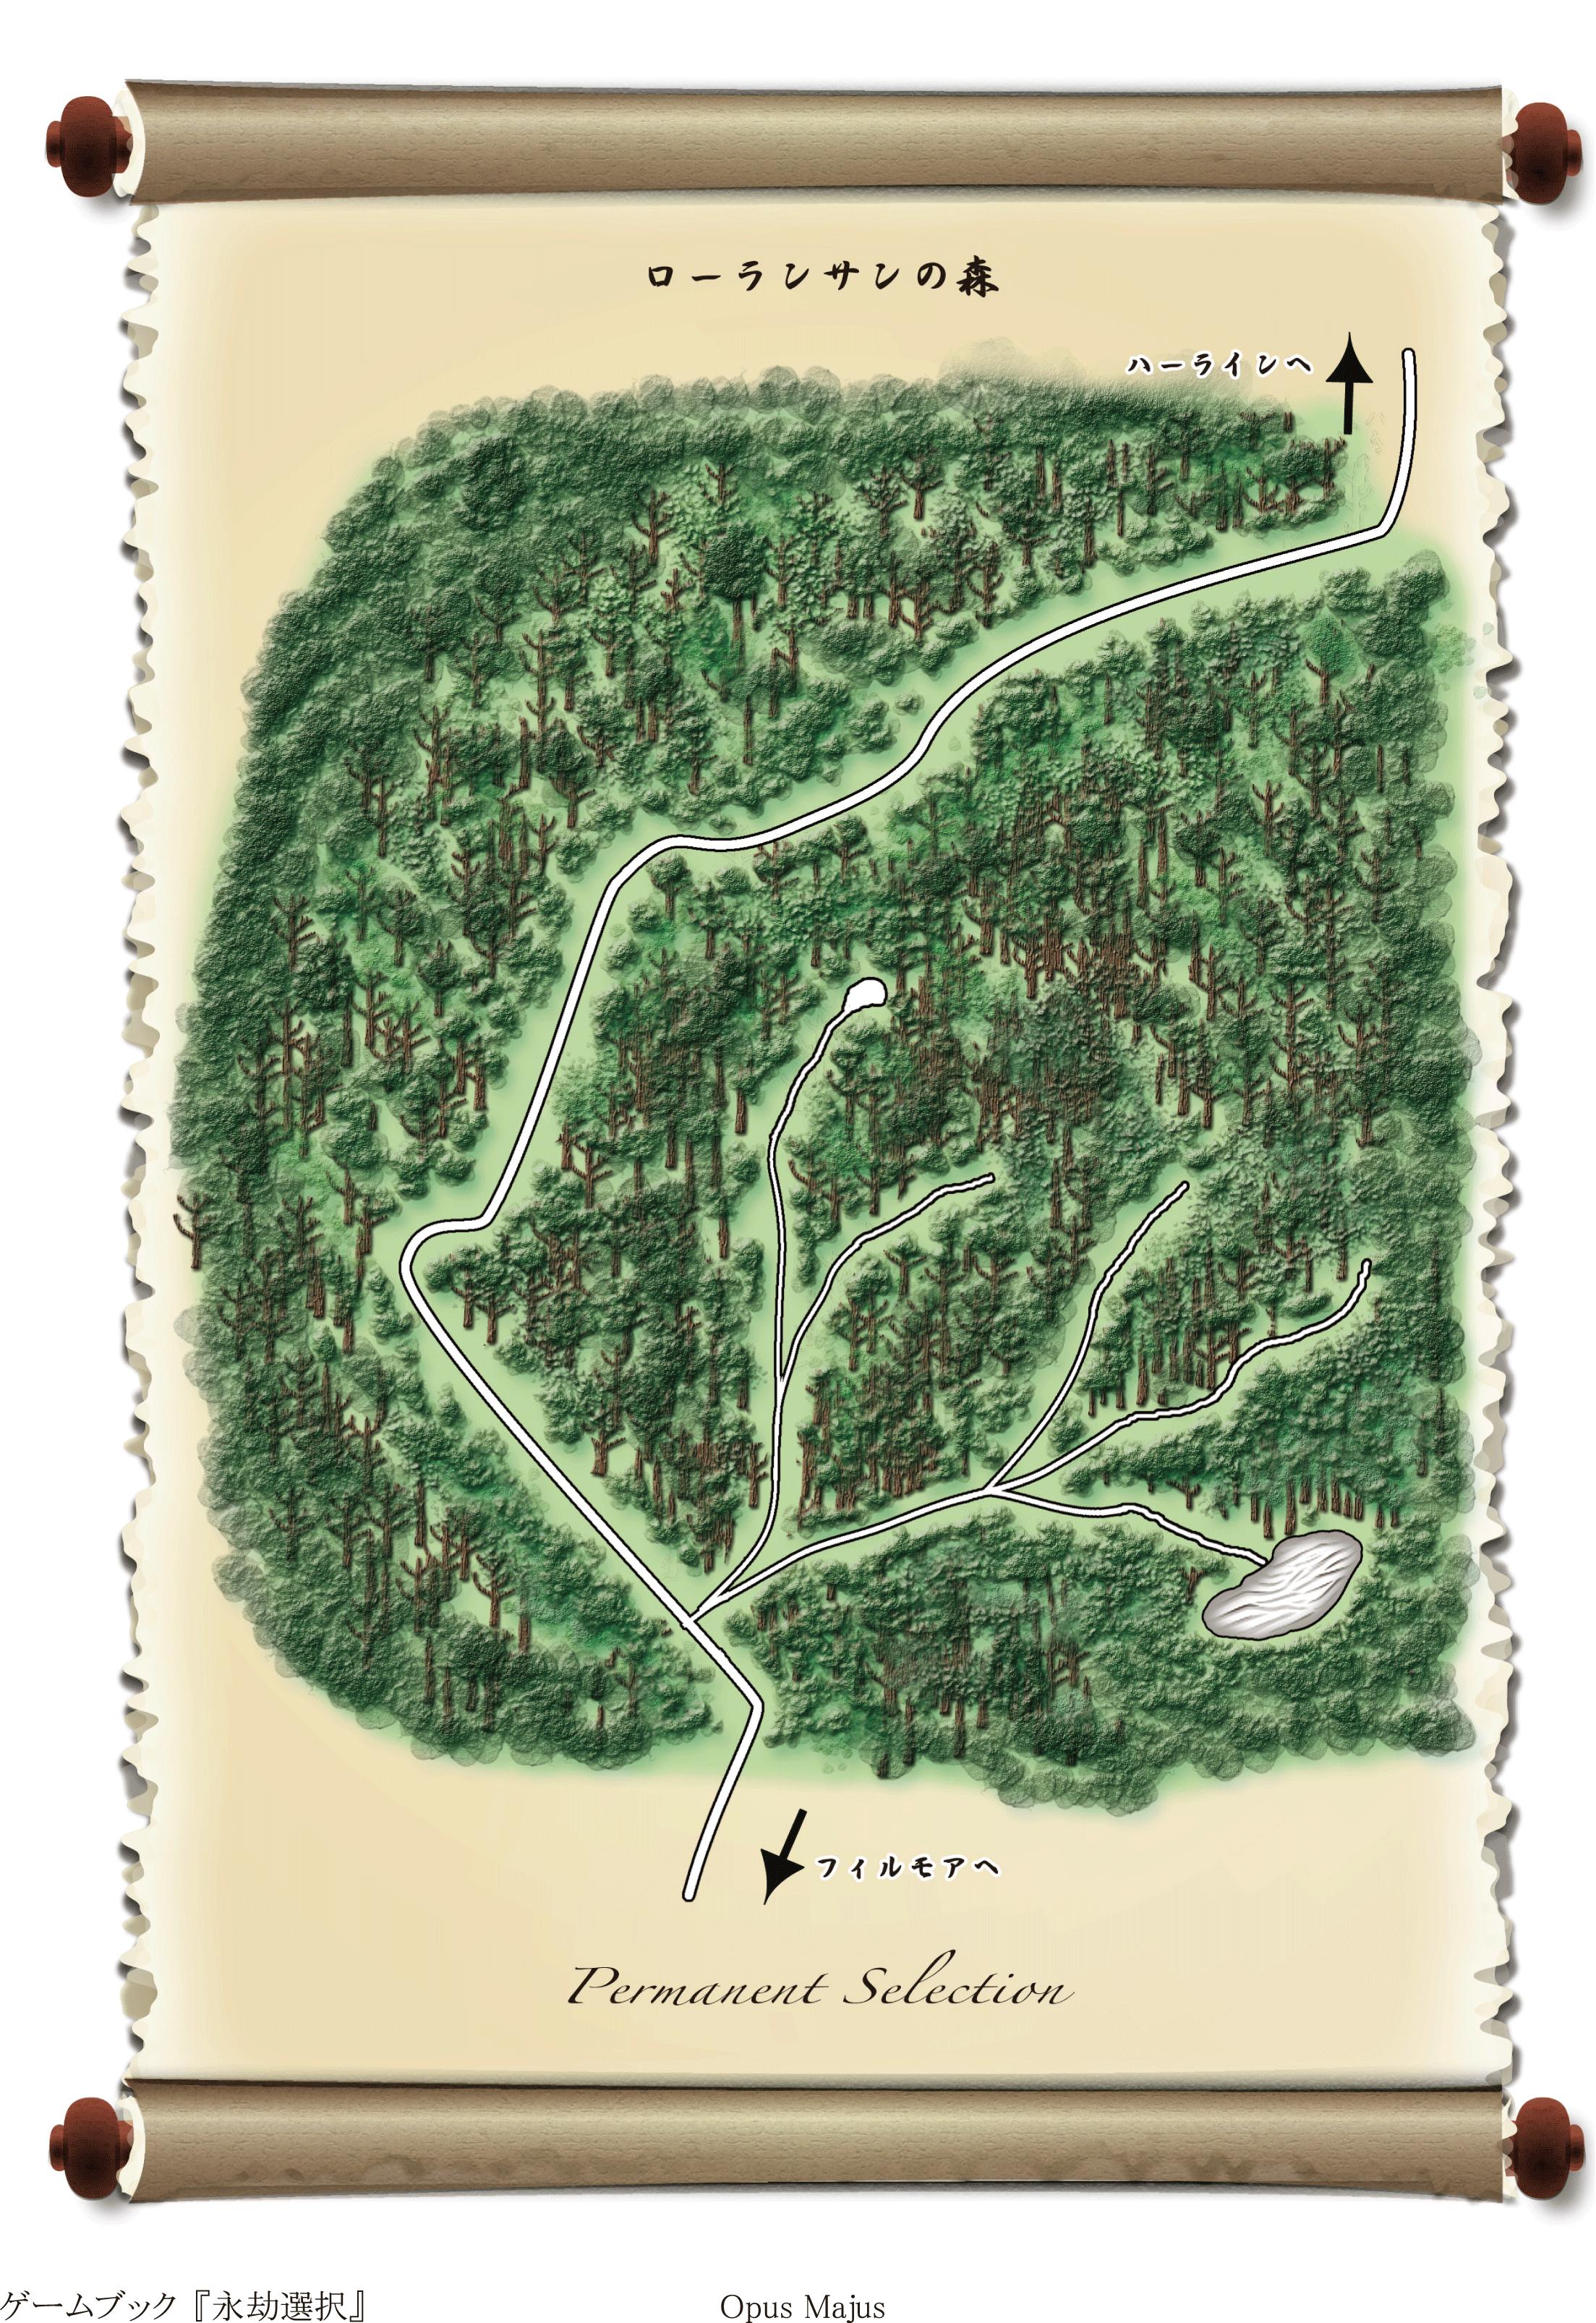 ローランサンの森 | 永劫選択